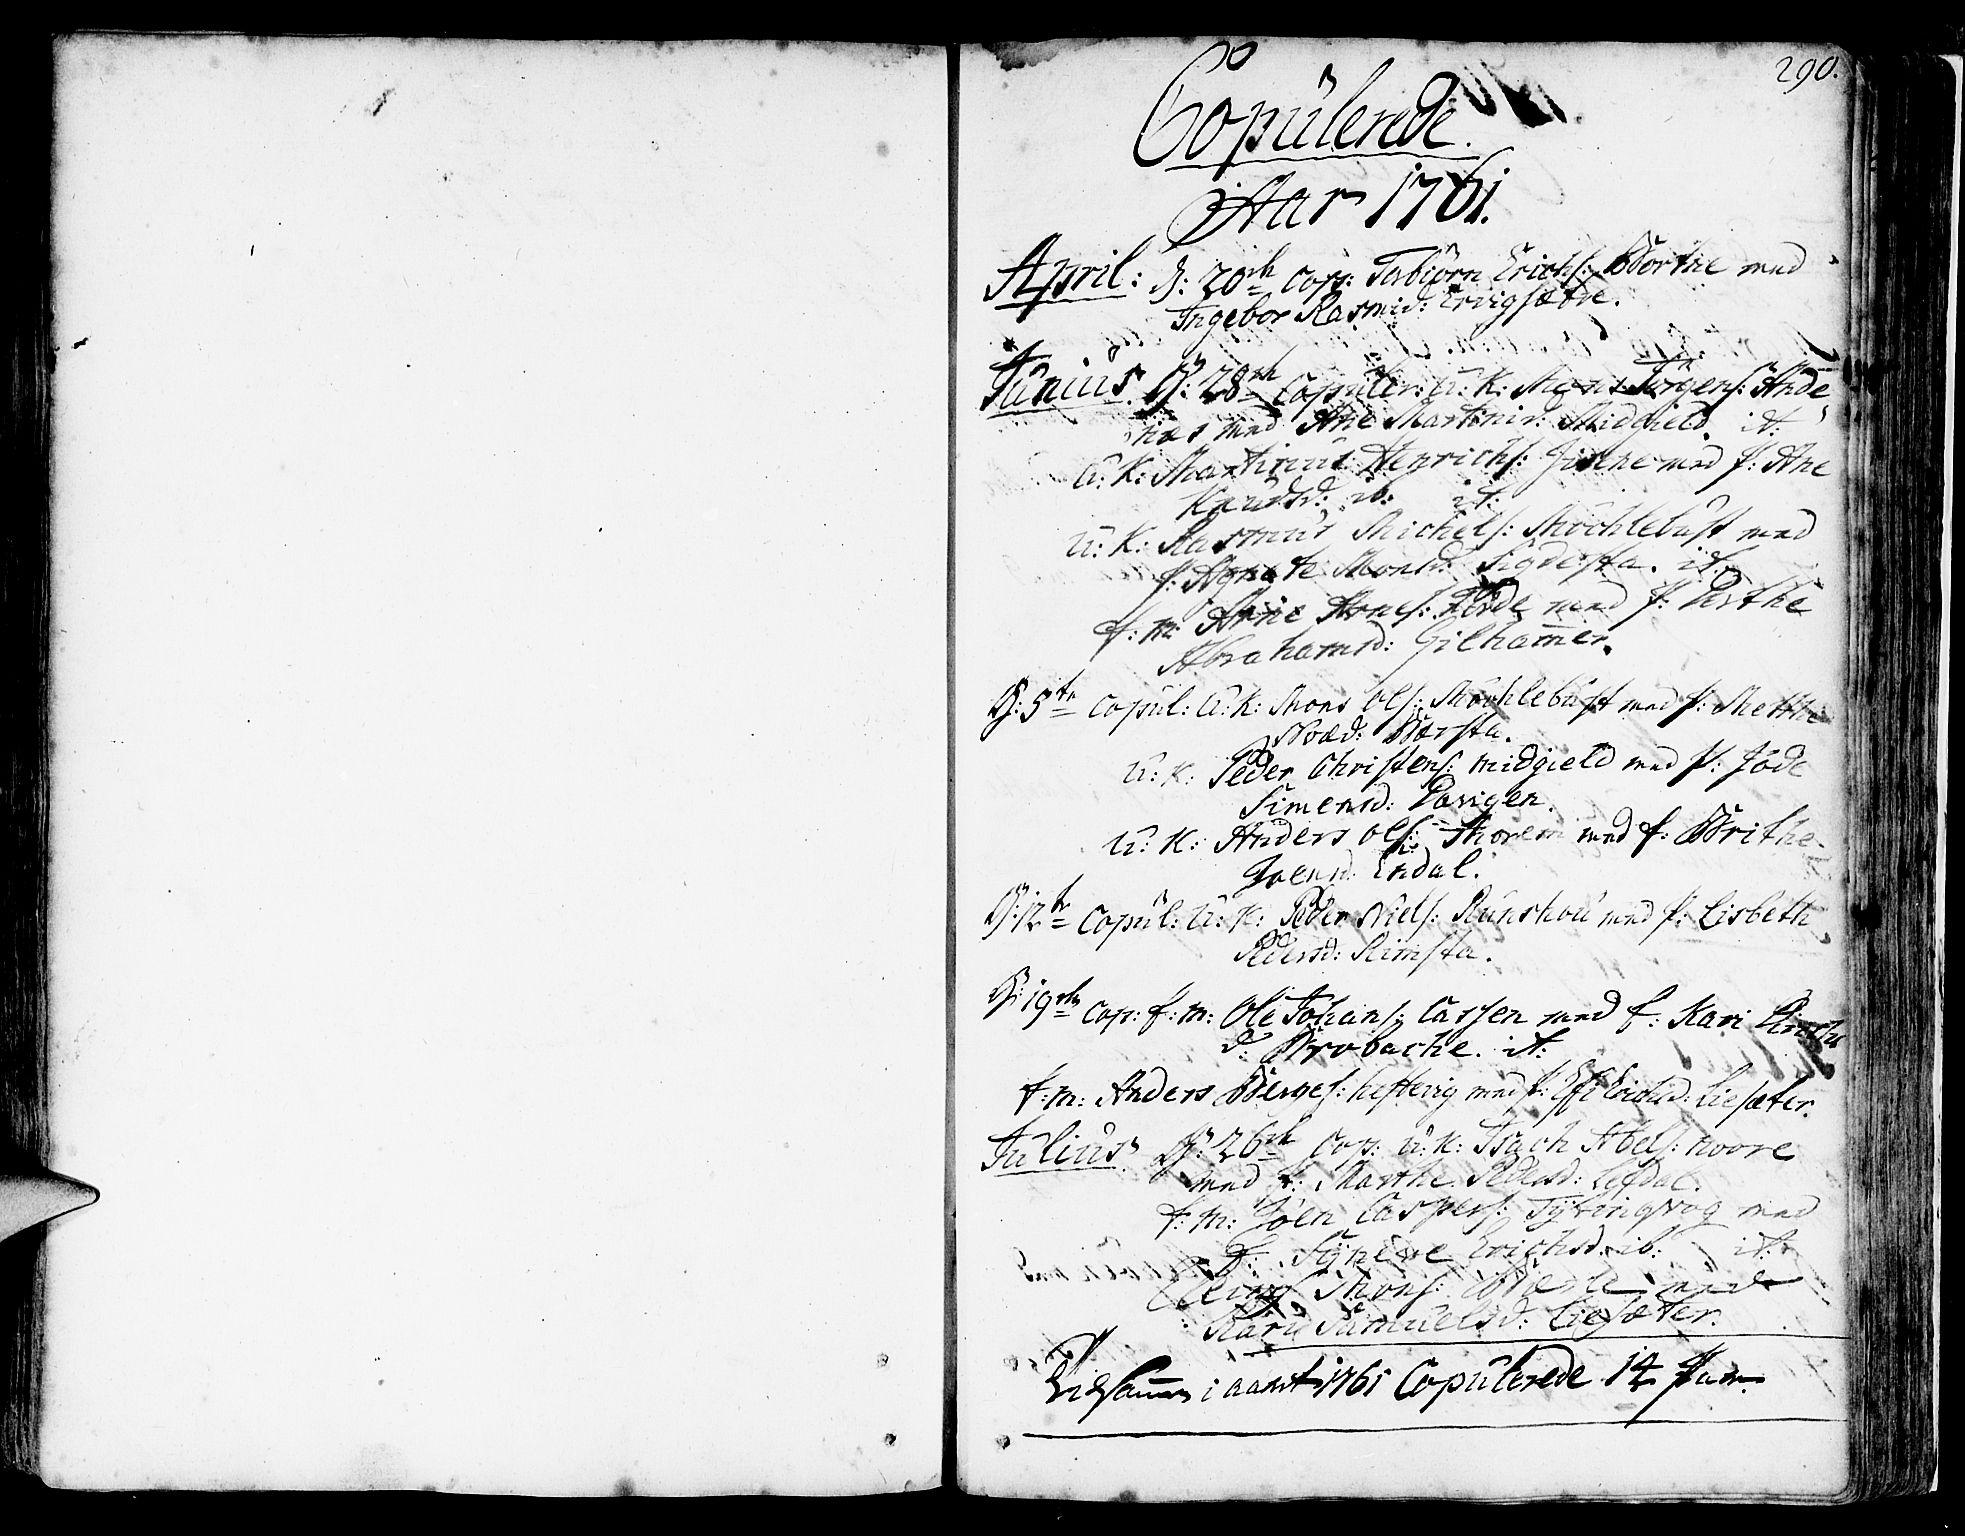 SAB, Davik Sokneprestembete, Ministerialbok nr. A 2, 1742-1816, s. 290